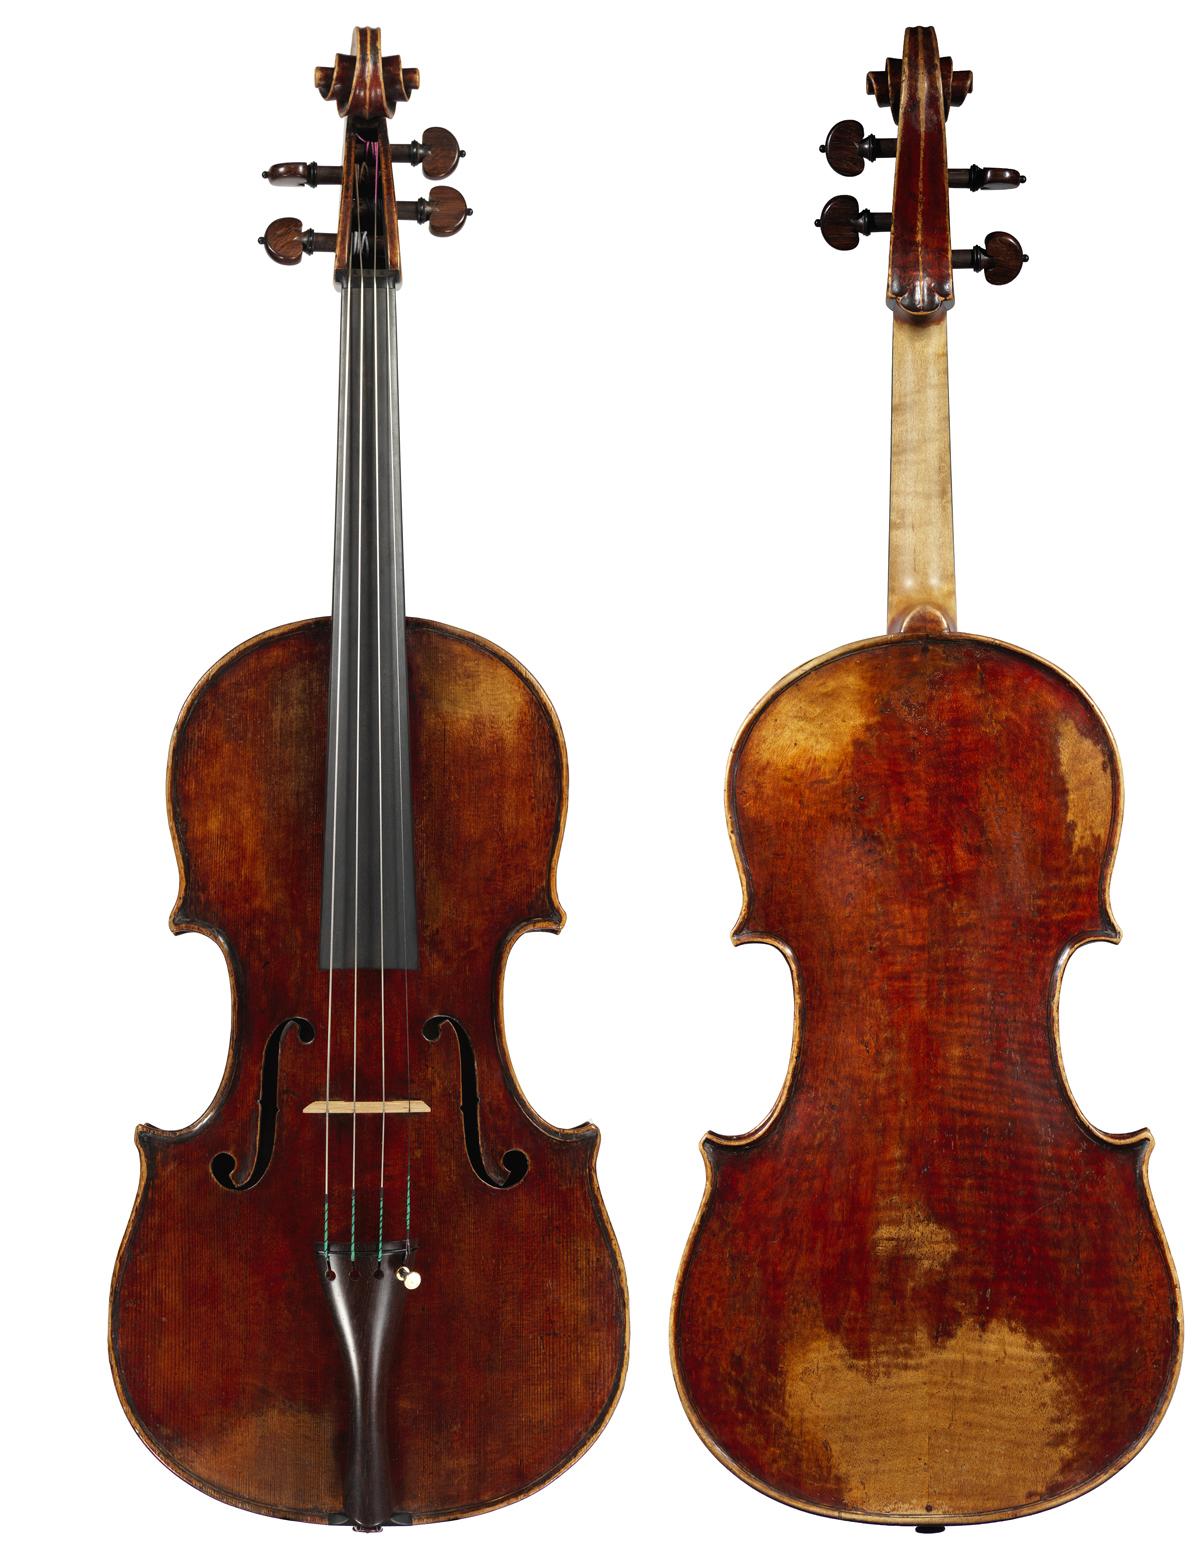 Viola by Giacomo Rivolta